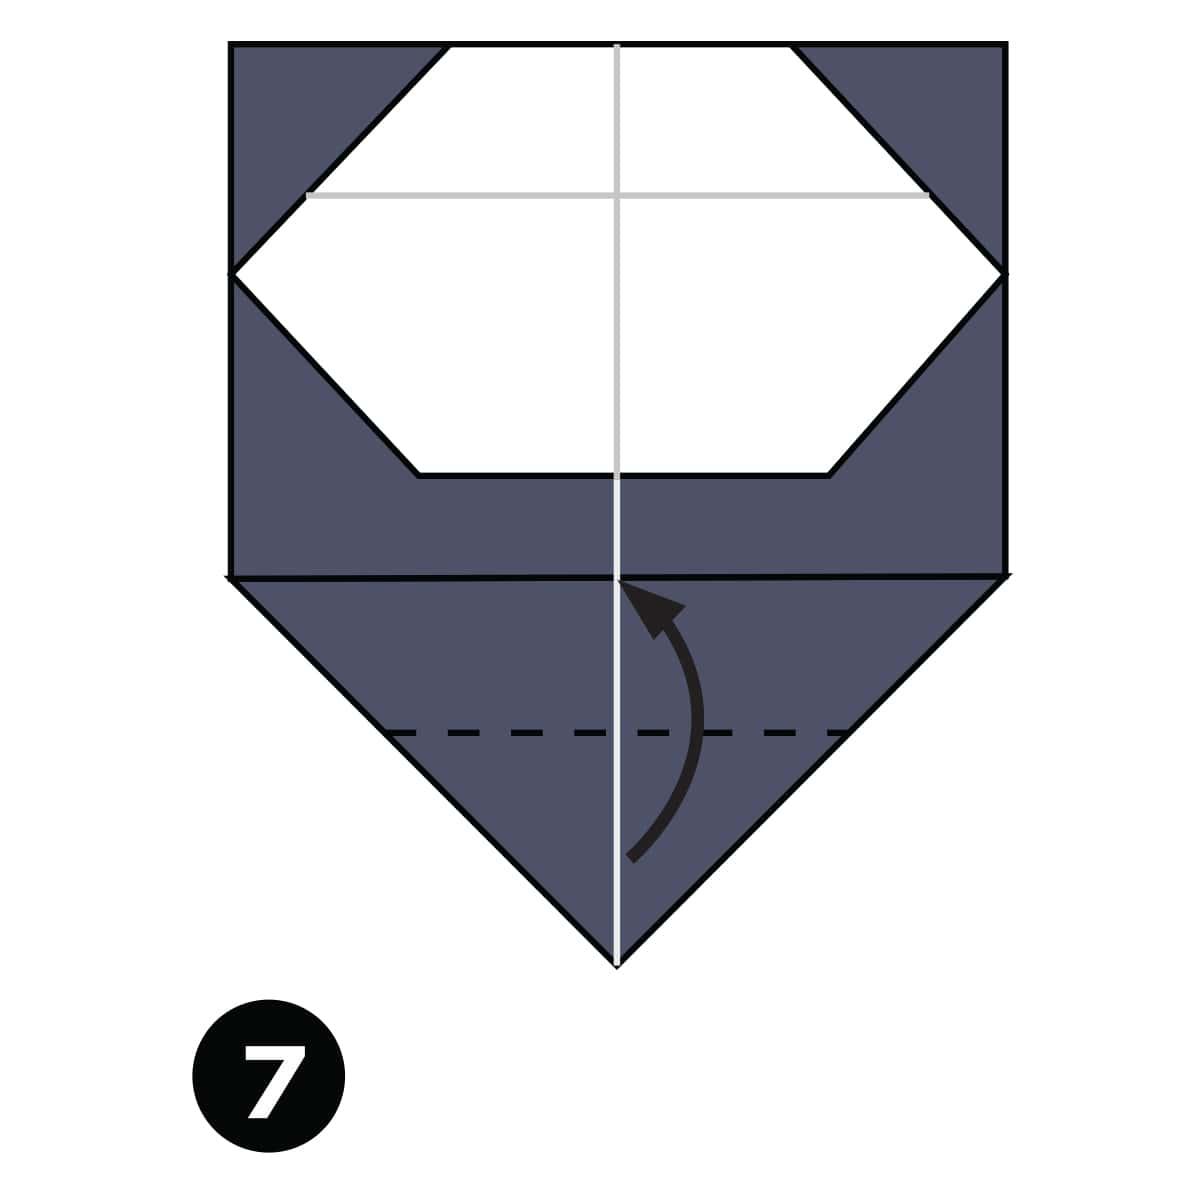 Panda Step 7